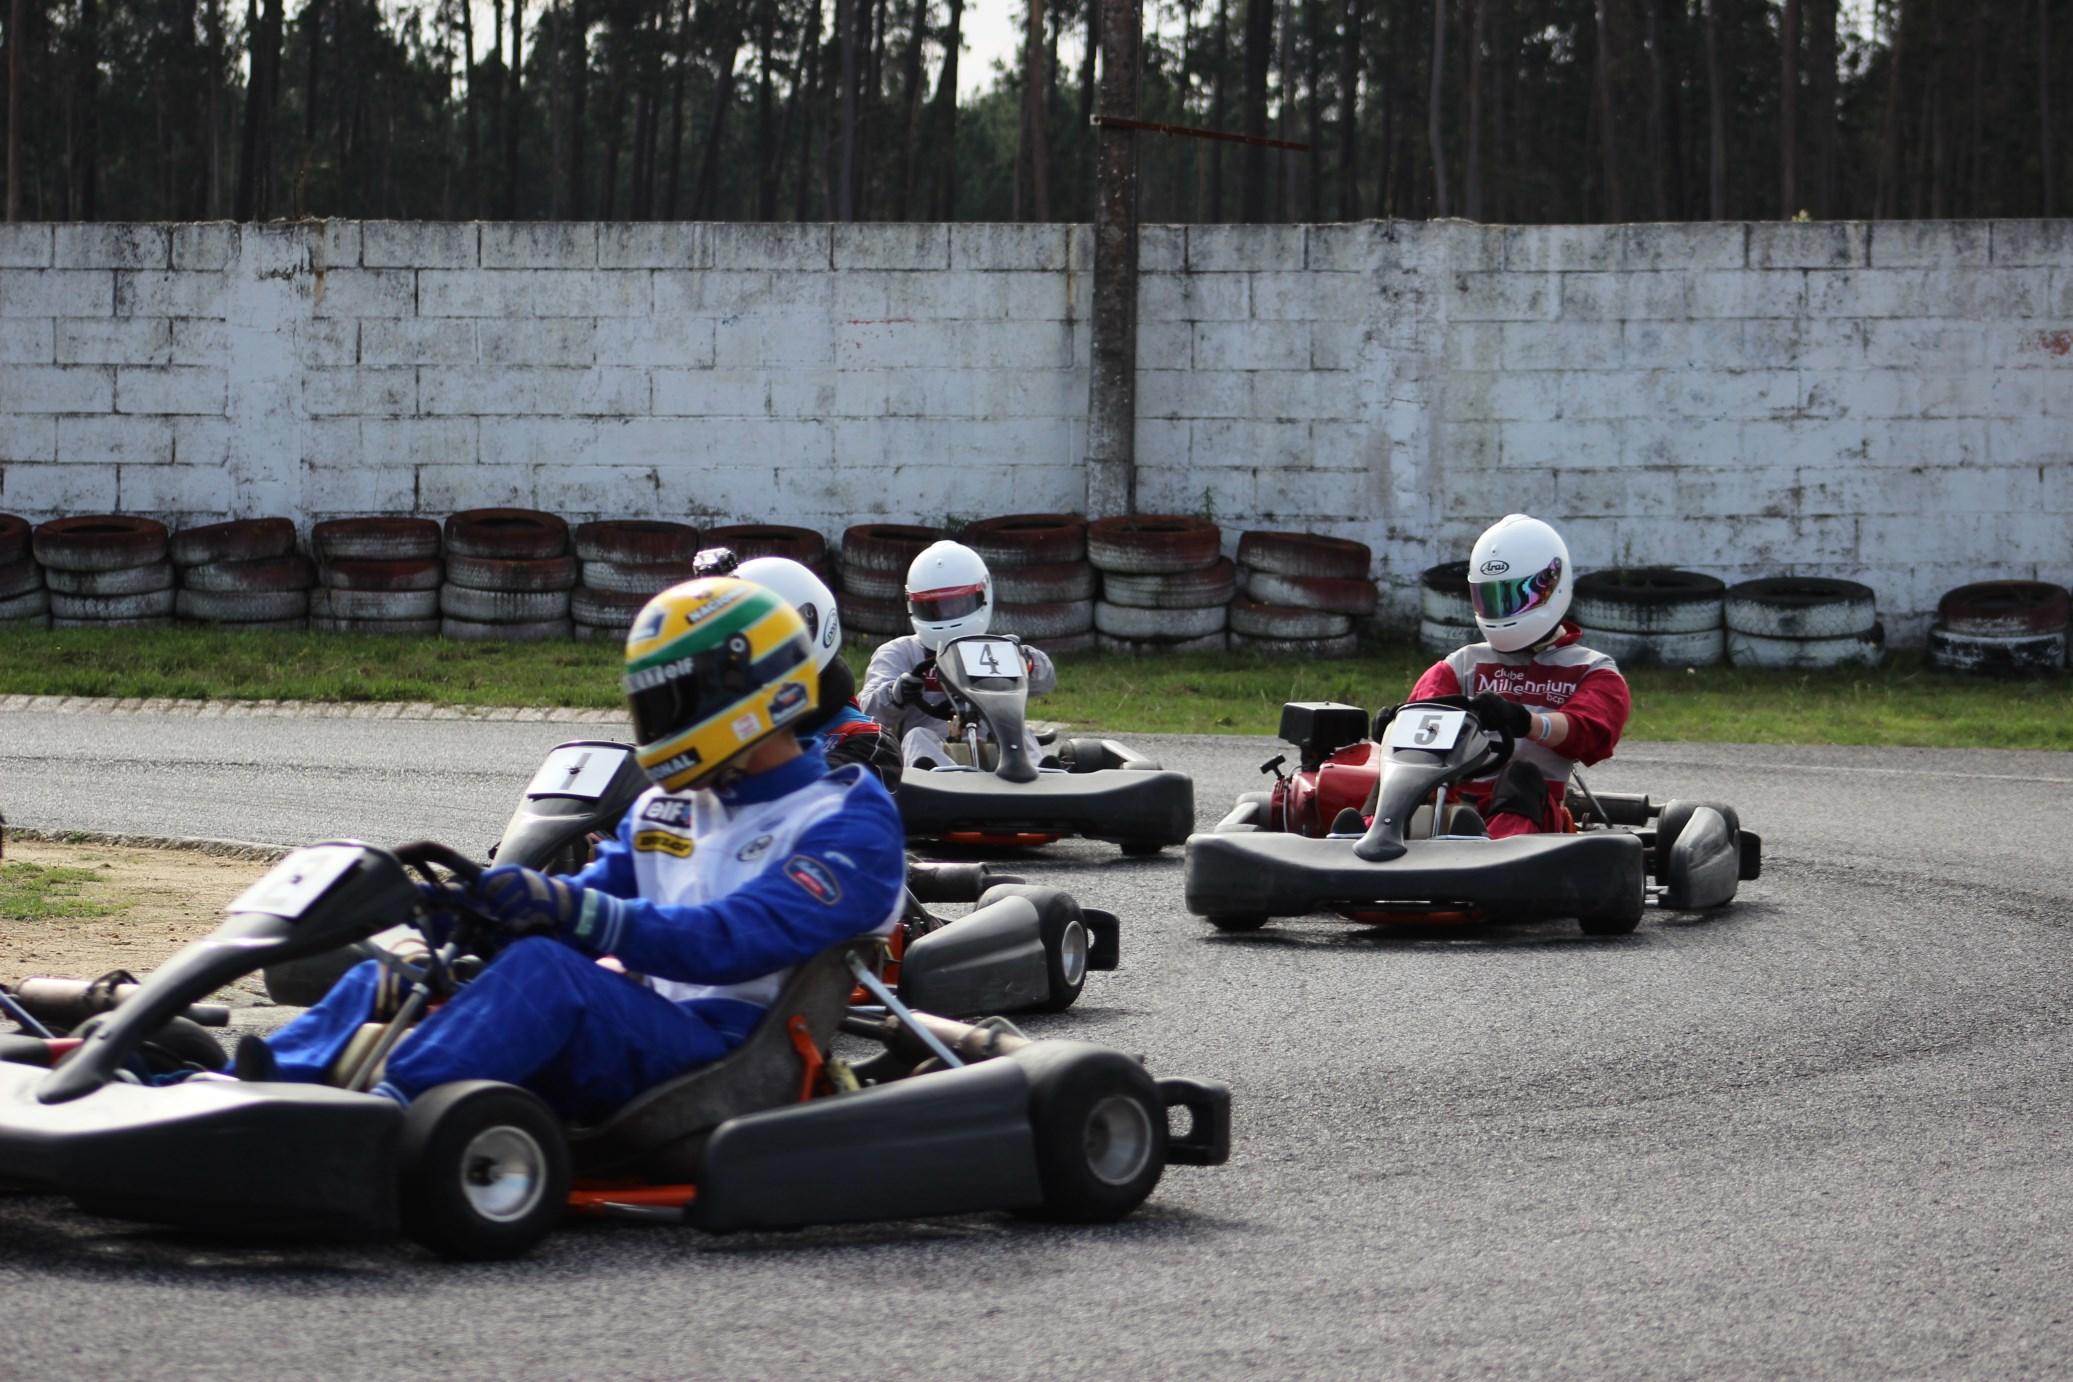 Troféu Honda 2014 - 4ª Prova143